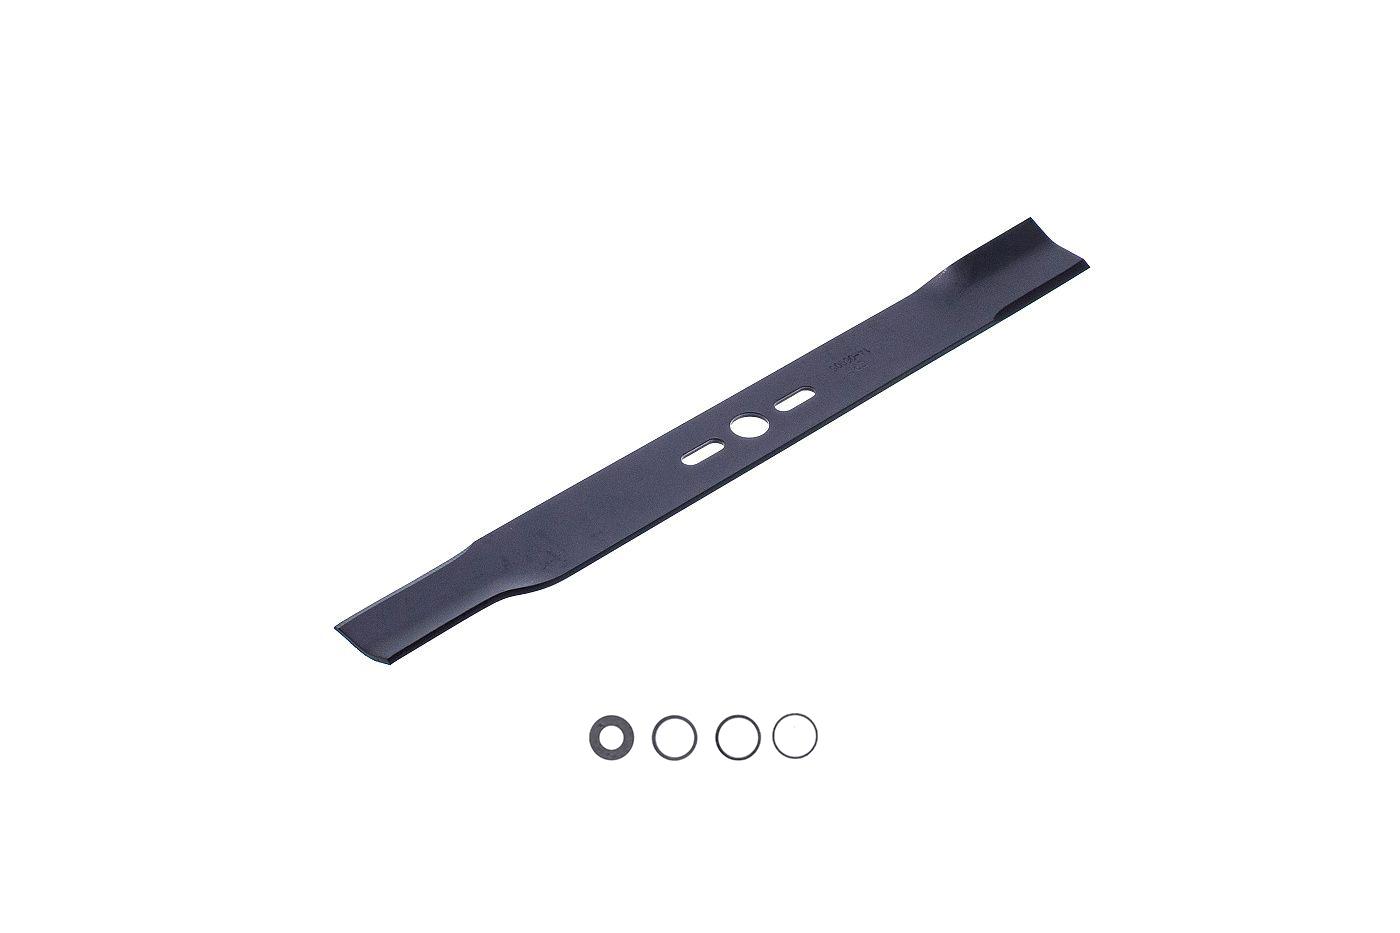 Nôž univerzalny žací 19 cali 48,2cm